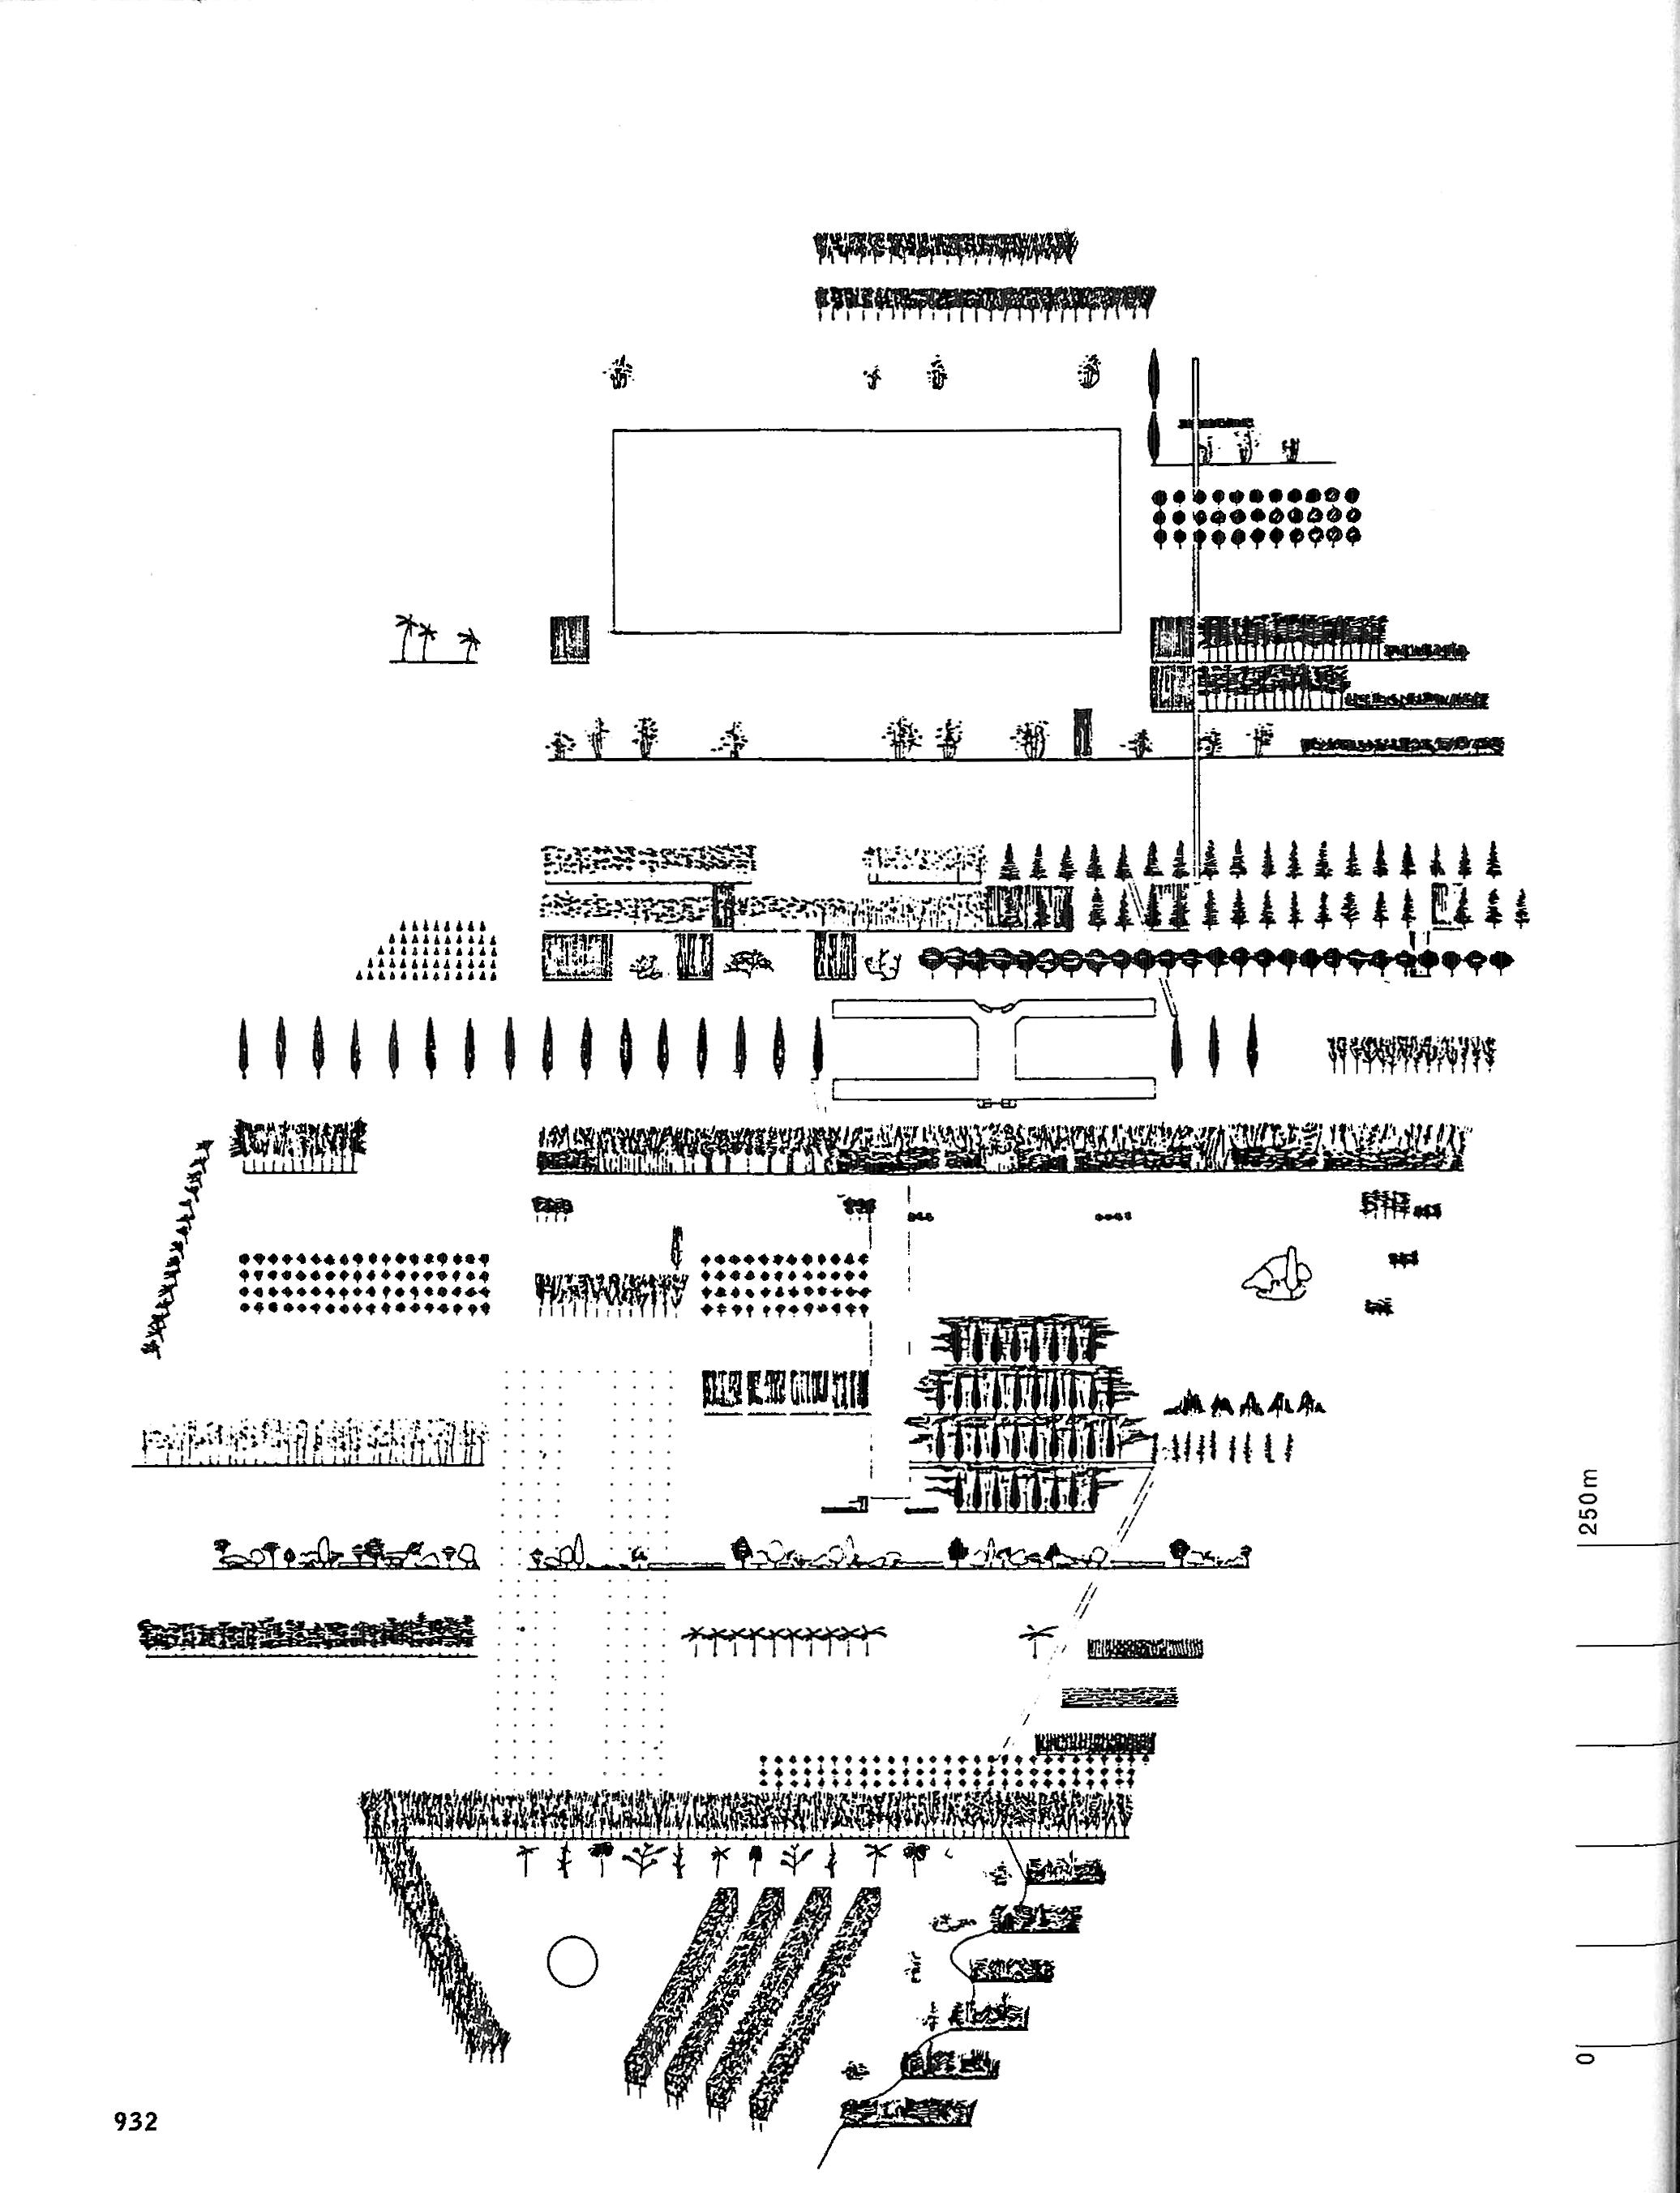 Oma Parc De La Villette Diagram Vw Transporter T5 Stereo Wiring Google Search Brooklyn Pier 7